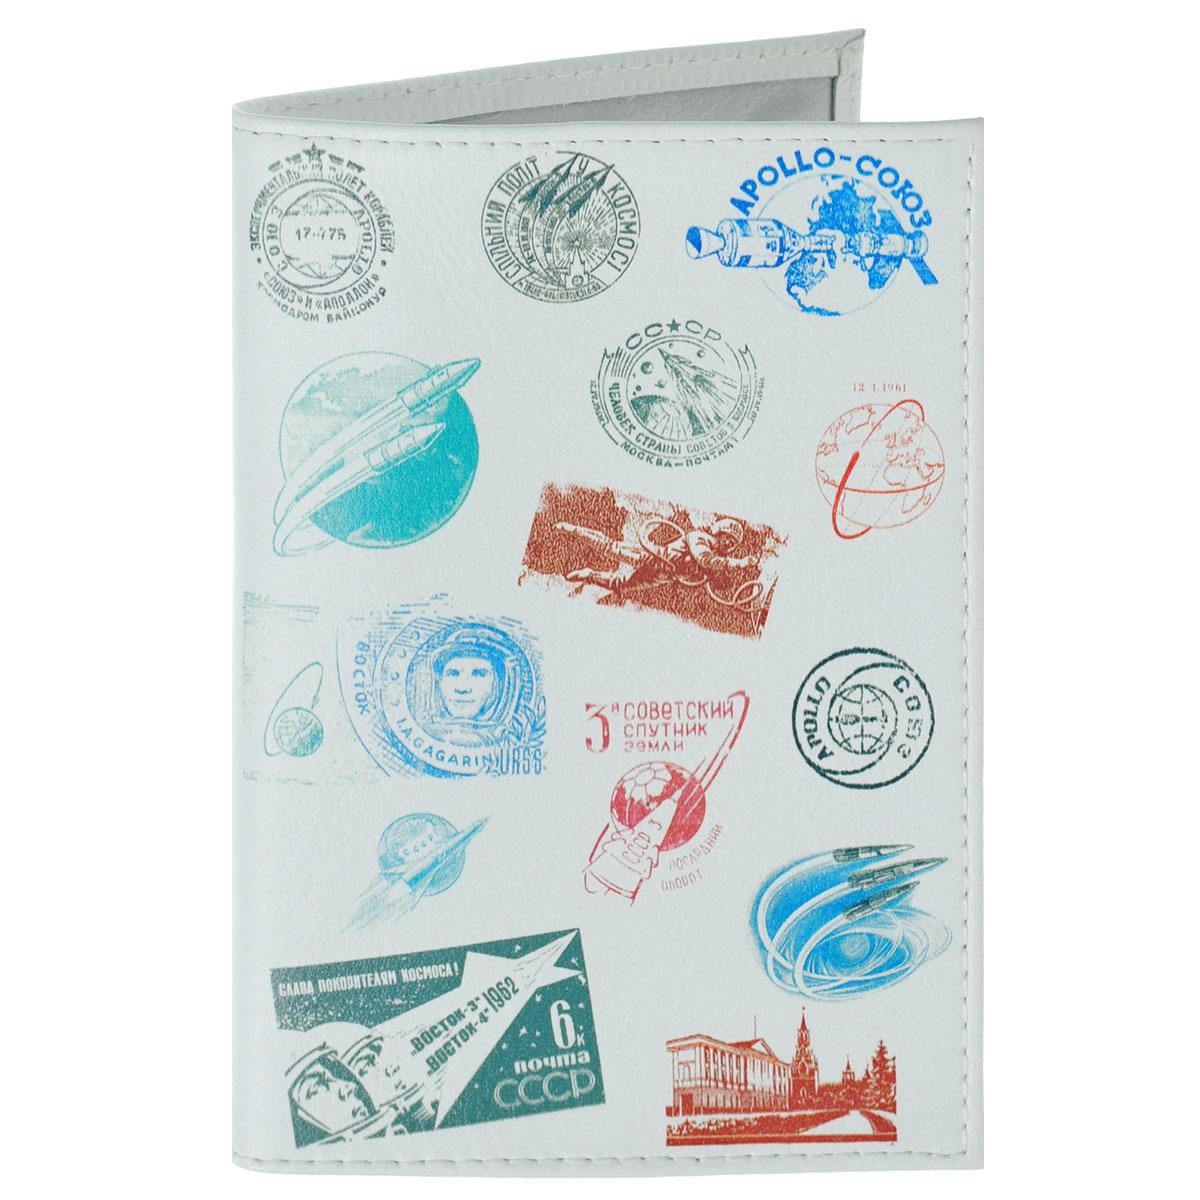 Обложка для паспорта Штампики о космосе. OK278GPGE00-000000-D6604O-K102Обложка для паспорта Mitya Veselkov Штампики о космосе выполнена из натуральной кожи и оформлена изображениями оттисков штампиков с космической тематикой. Такая обложка не только поможет сохранить внешний вид ваших документов и защитит их от повреждений, но и станет стильным аксессуаром, идеально подходящим вашему образу.Яркая и оригинальная обложка подчеркнет вашу индивидуальность и изысканный вкус. Обложка для паспорта стильного дизайна может быть достойным и оригинальным подарком.